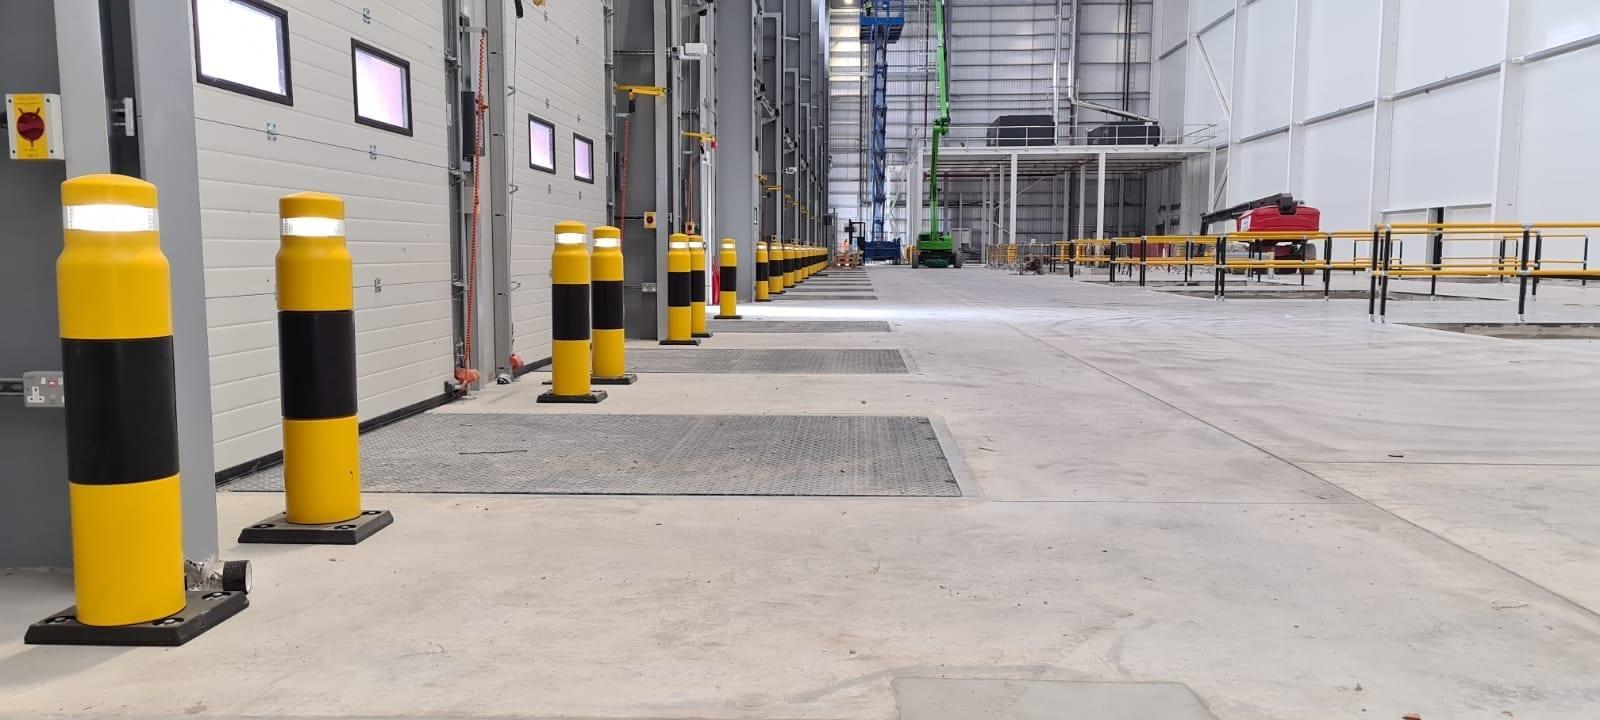 Die Bedeutung von hochsichtbaren Sicherheitseinrichtungen am Arbeitsplatz